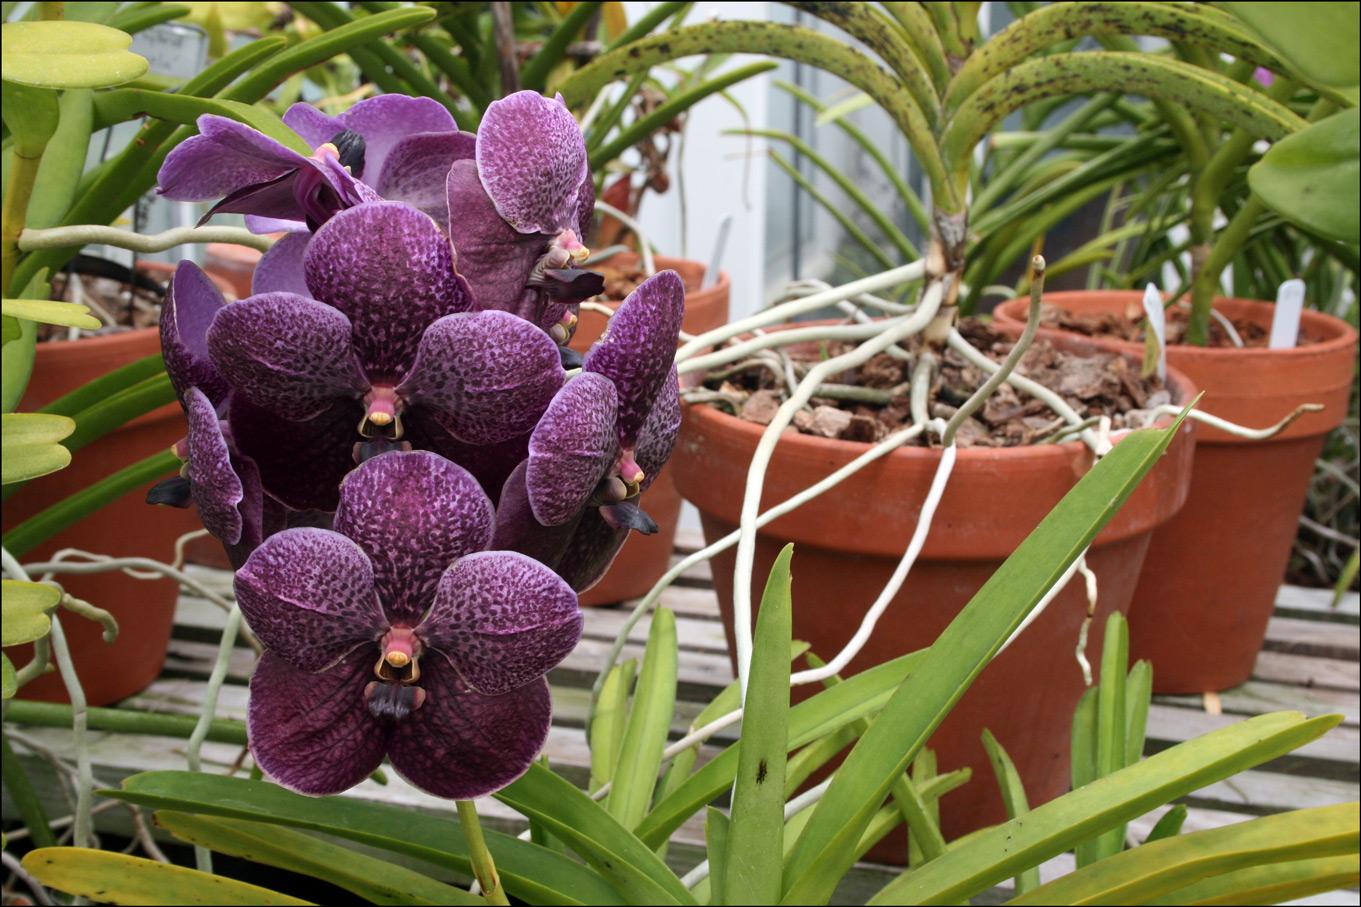 http://stephendanko.com/blog/wp-content/uploads/2009/05/Orchid-Vanda-delight.jpg